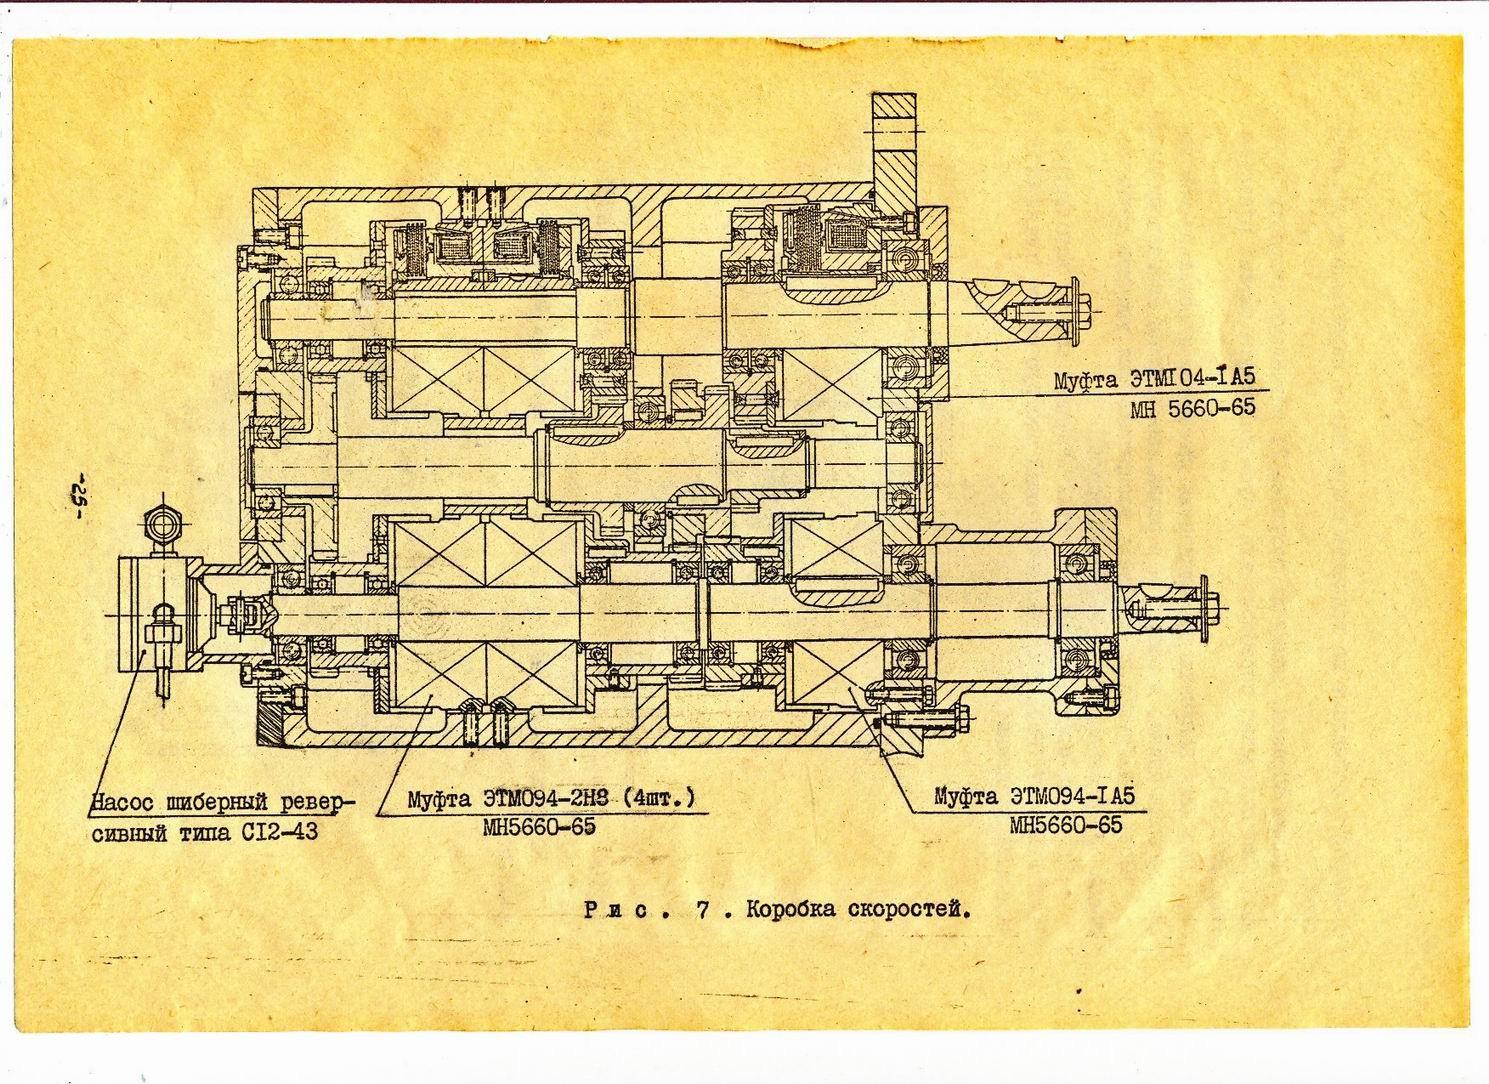 Уникальный по конструкции токарно-винторезный прецизионный станок 16б16кп